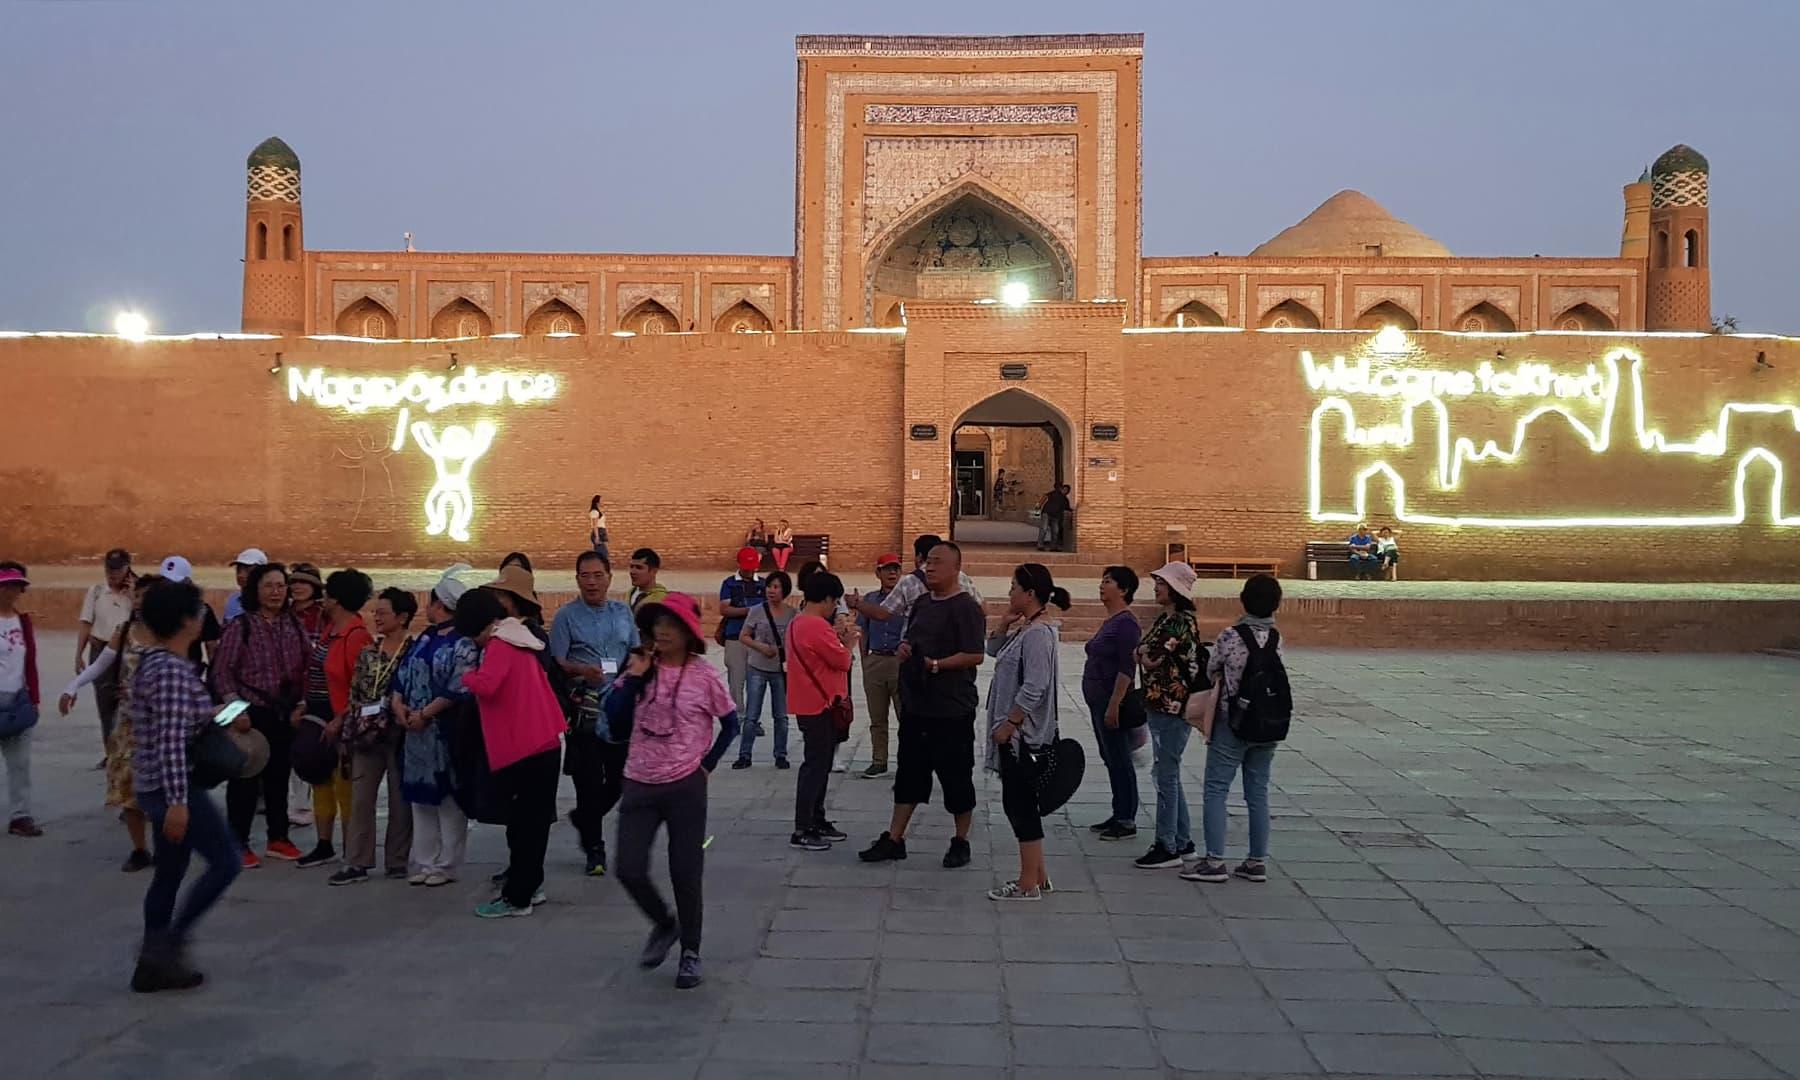 اس قدیم شہر میں سیاحوں کی بہتات نظر آتی ہے